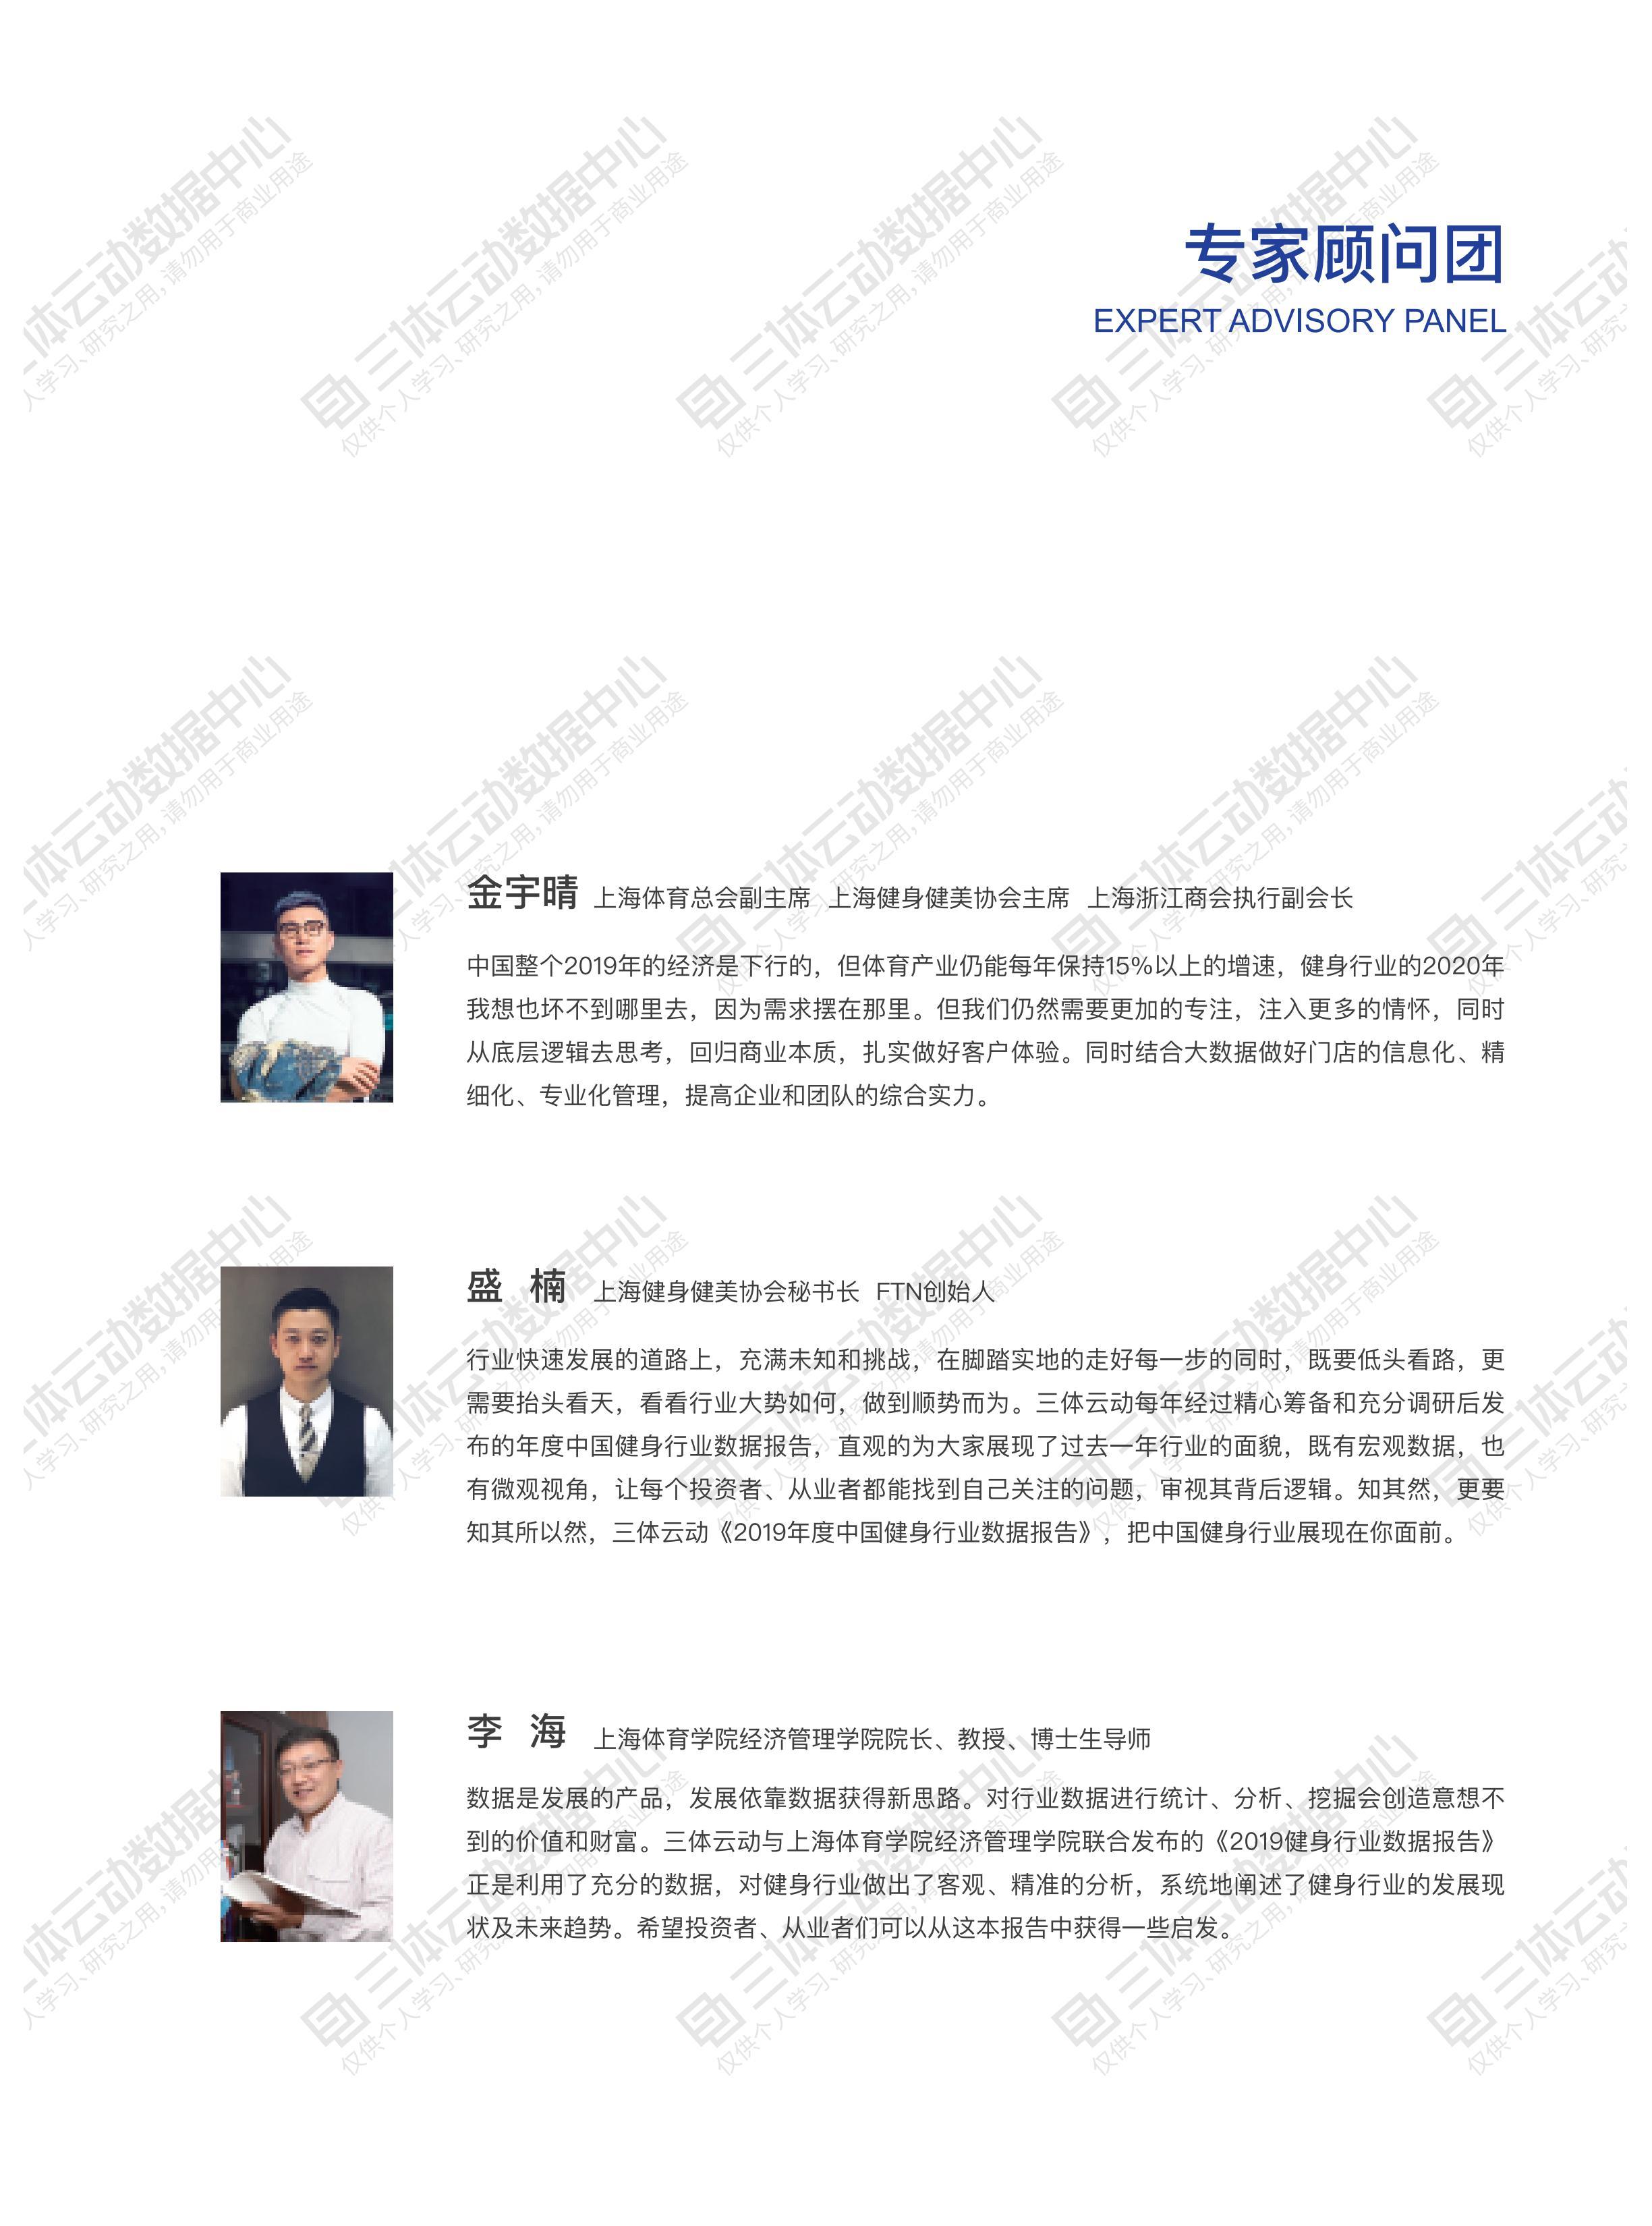 【免费下载】三体云动2019中国健身行业数据报告(简版)插图(3)